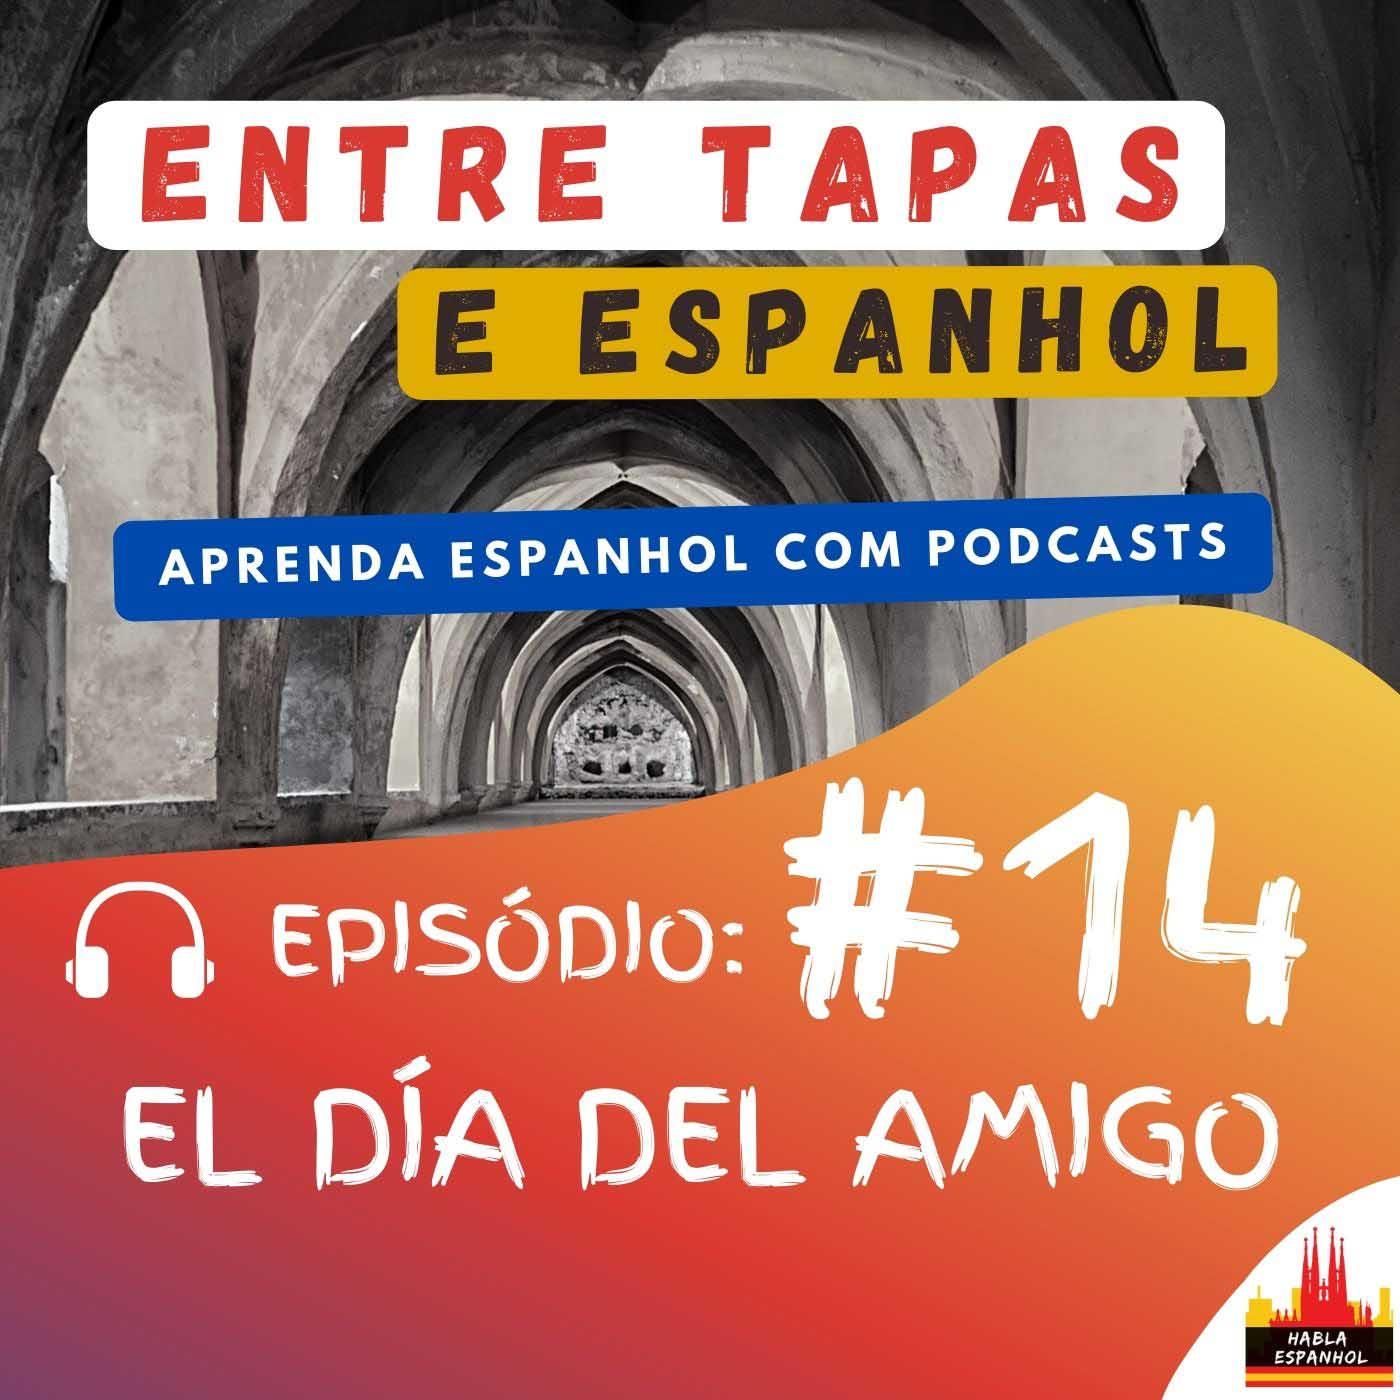 Podcast El Día del Amigo